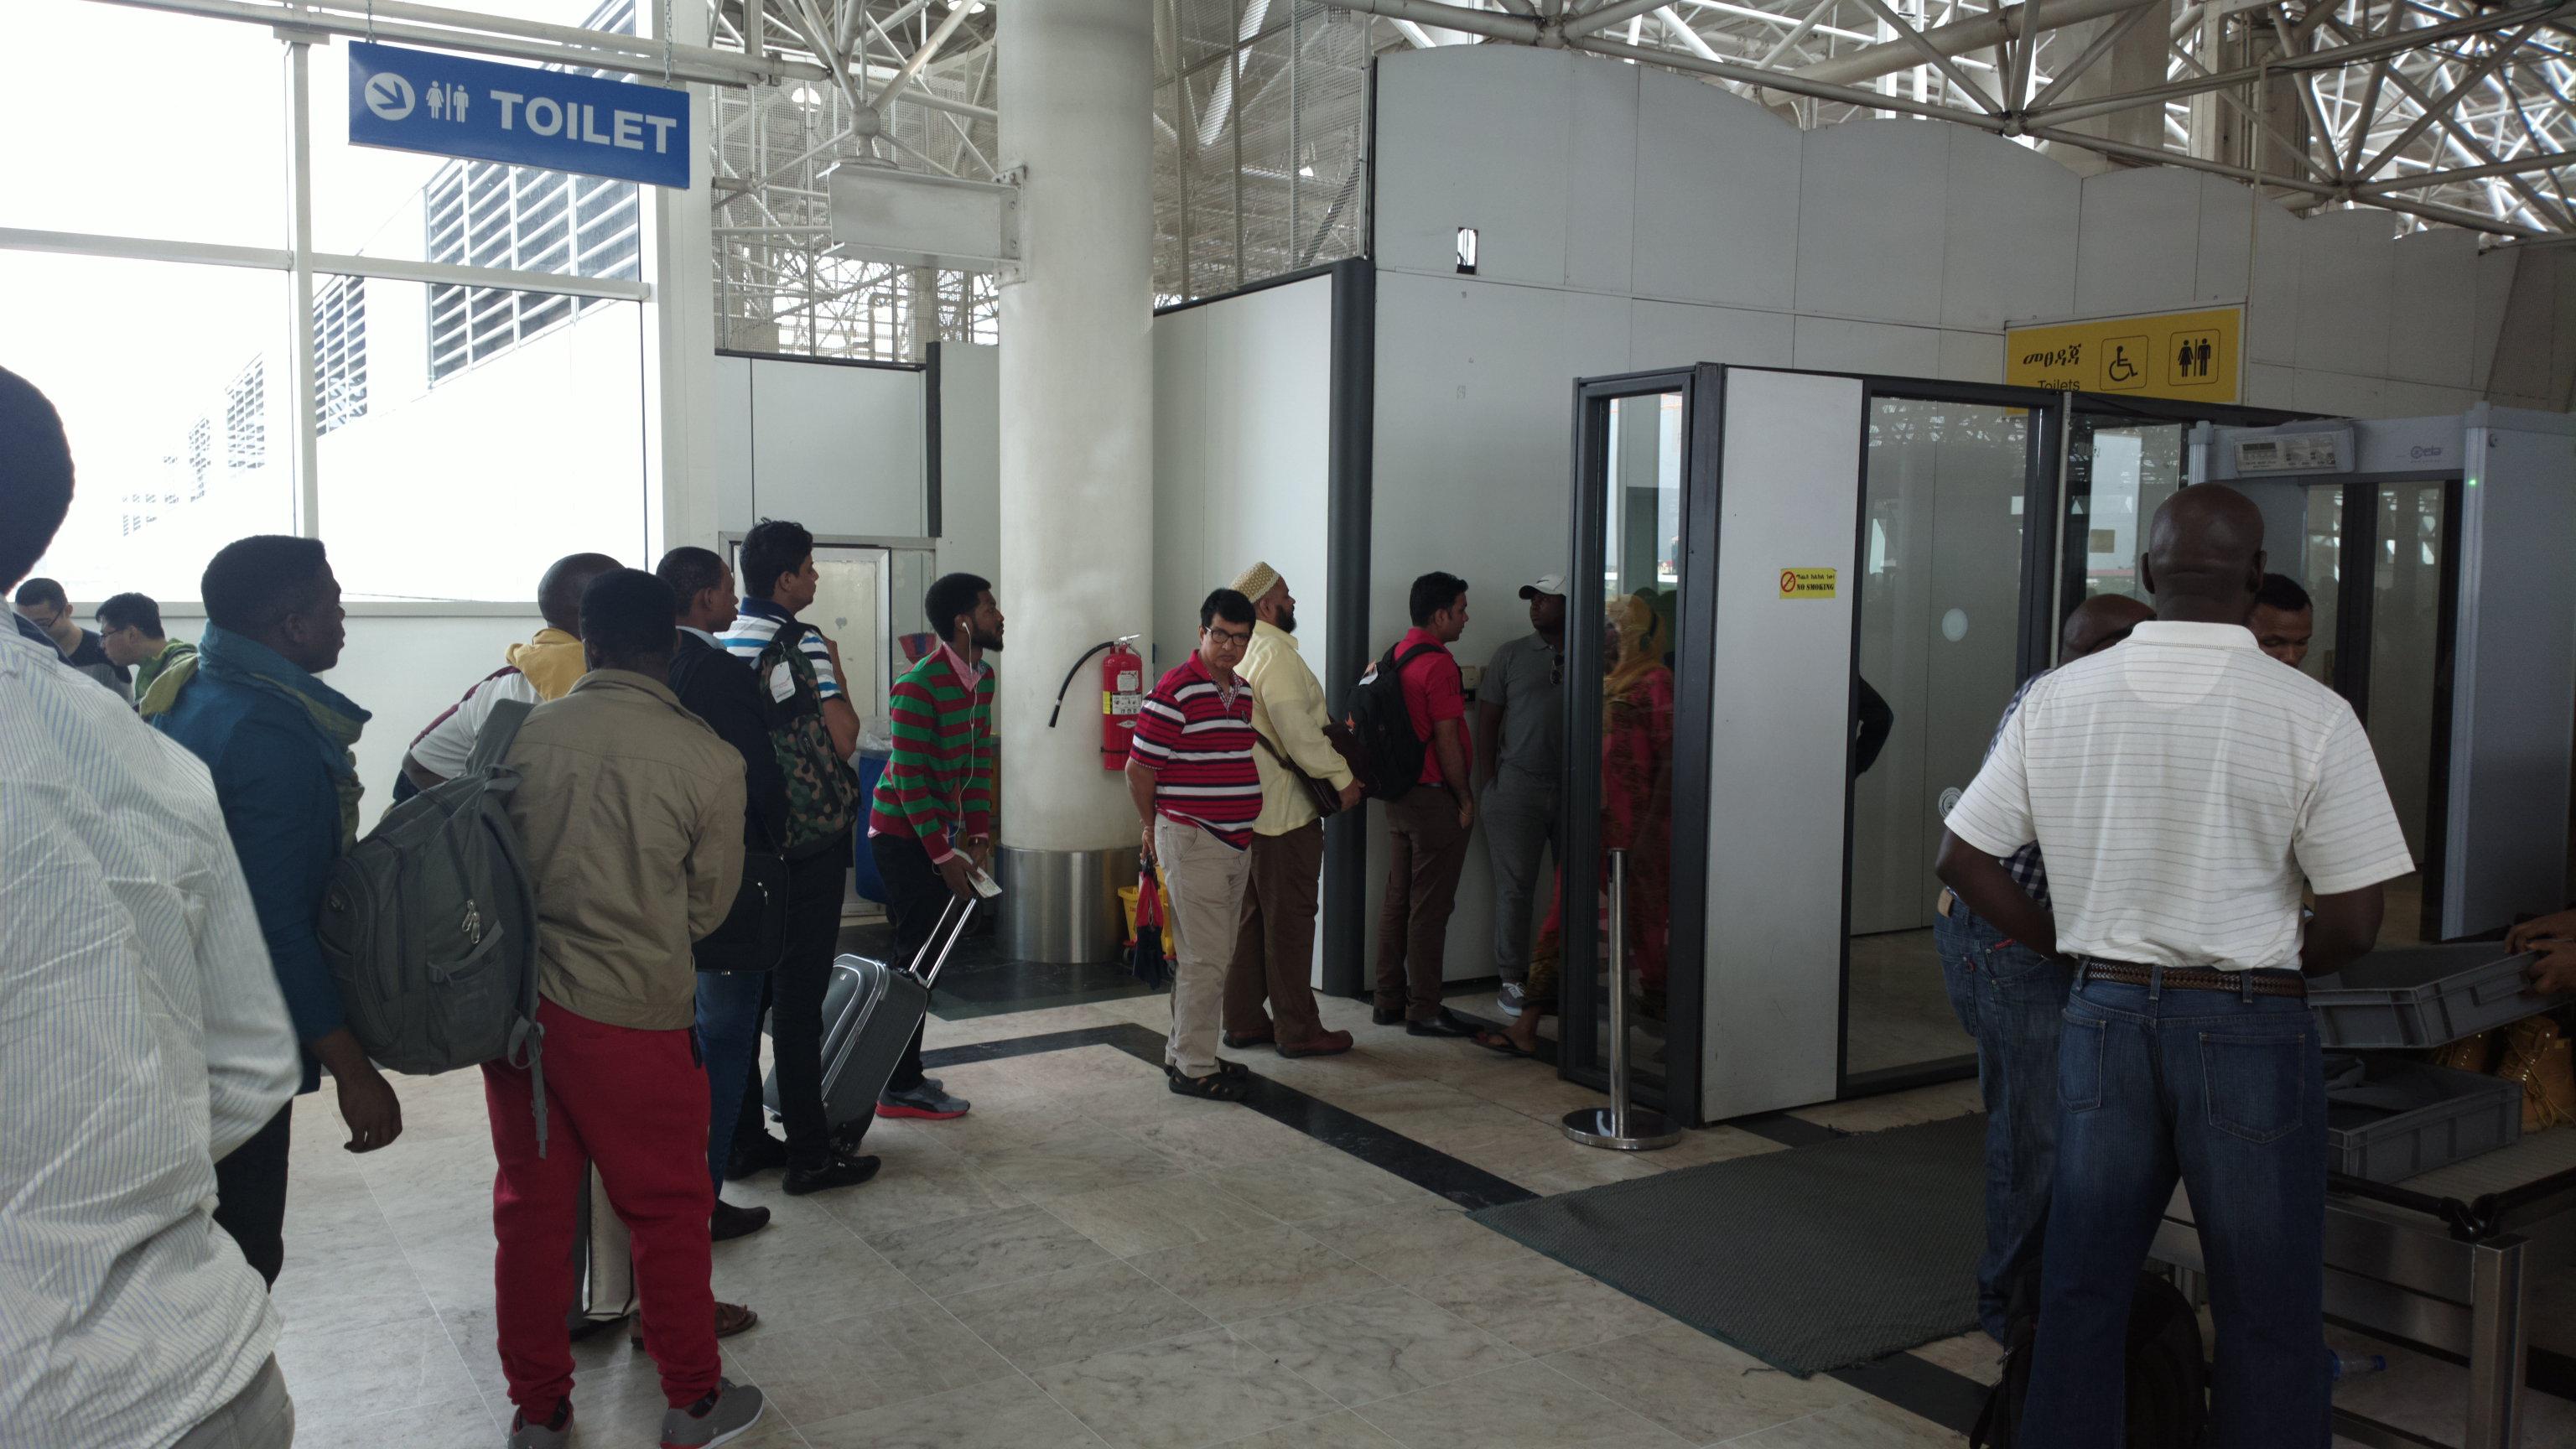 Addis Ababa Airport Customer Reviews